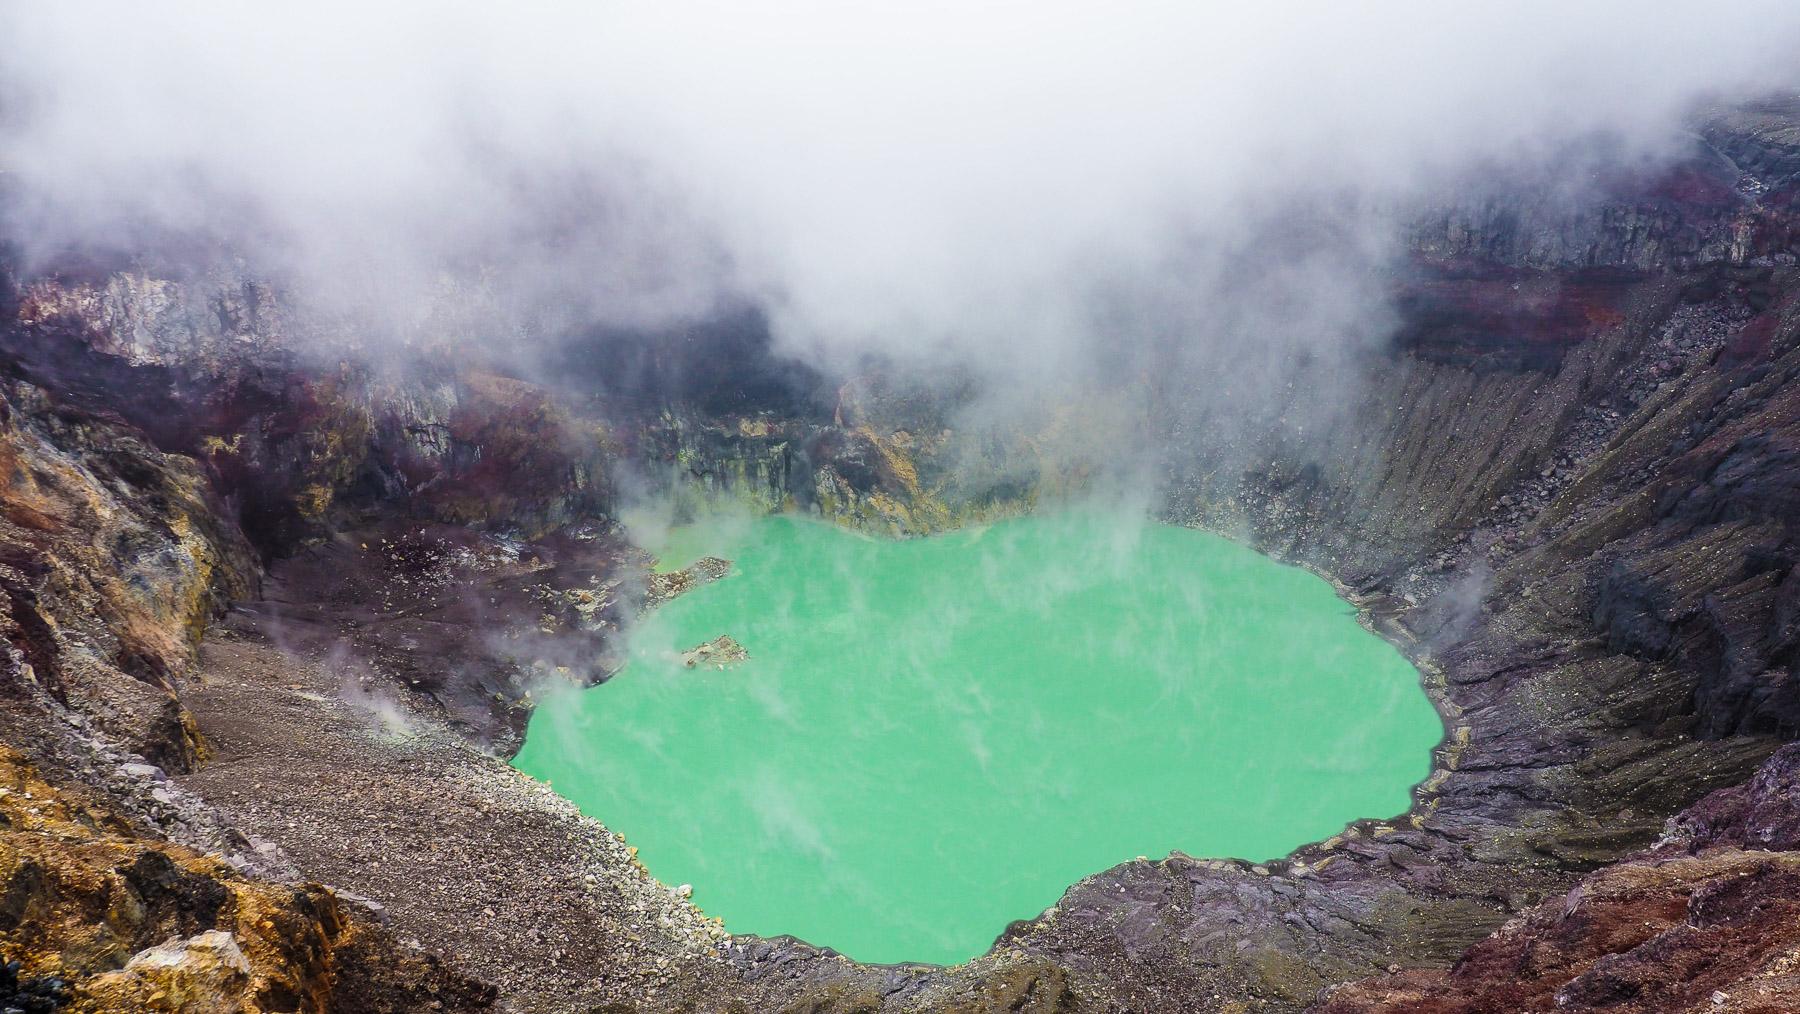 Kurzer Blick in den von giftigen Dämpfen meistens verhüllten Kratersee des Santa Ana